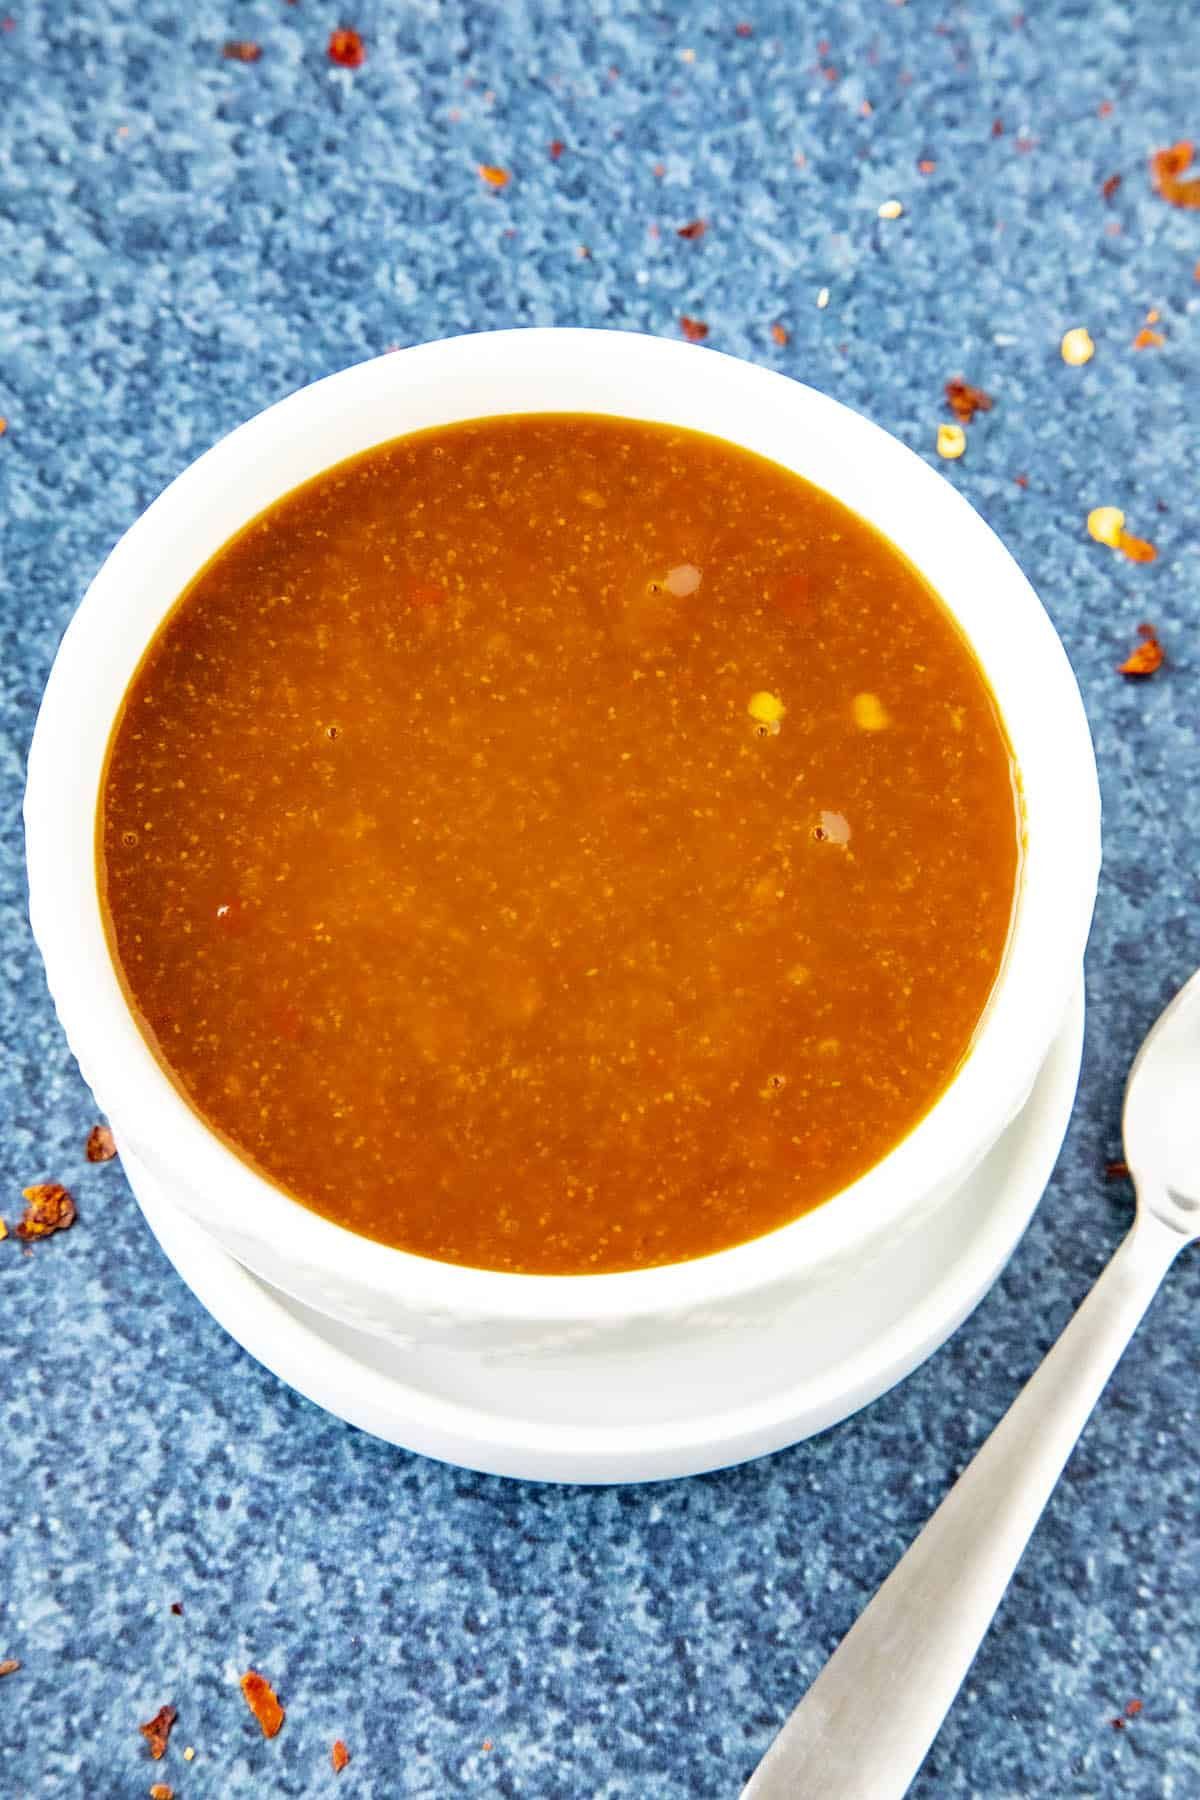 Szechuan Sauce in a bowl